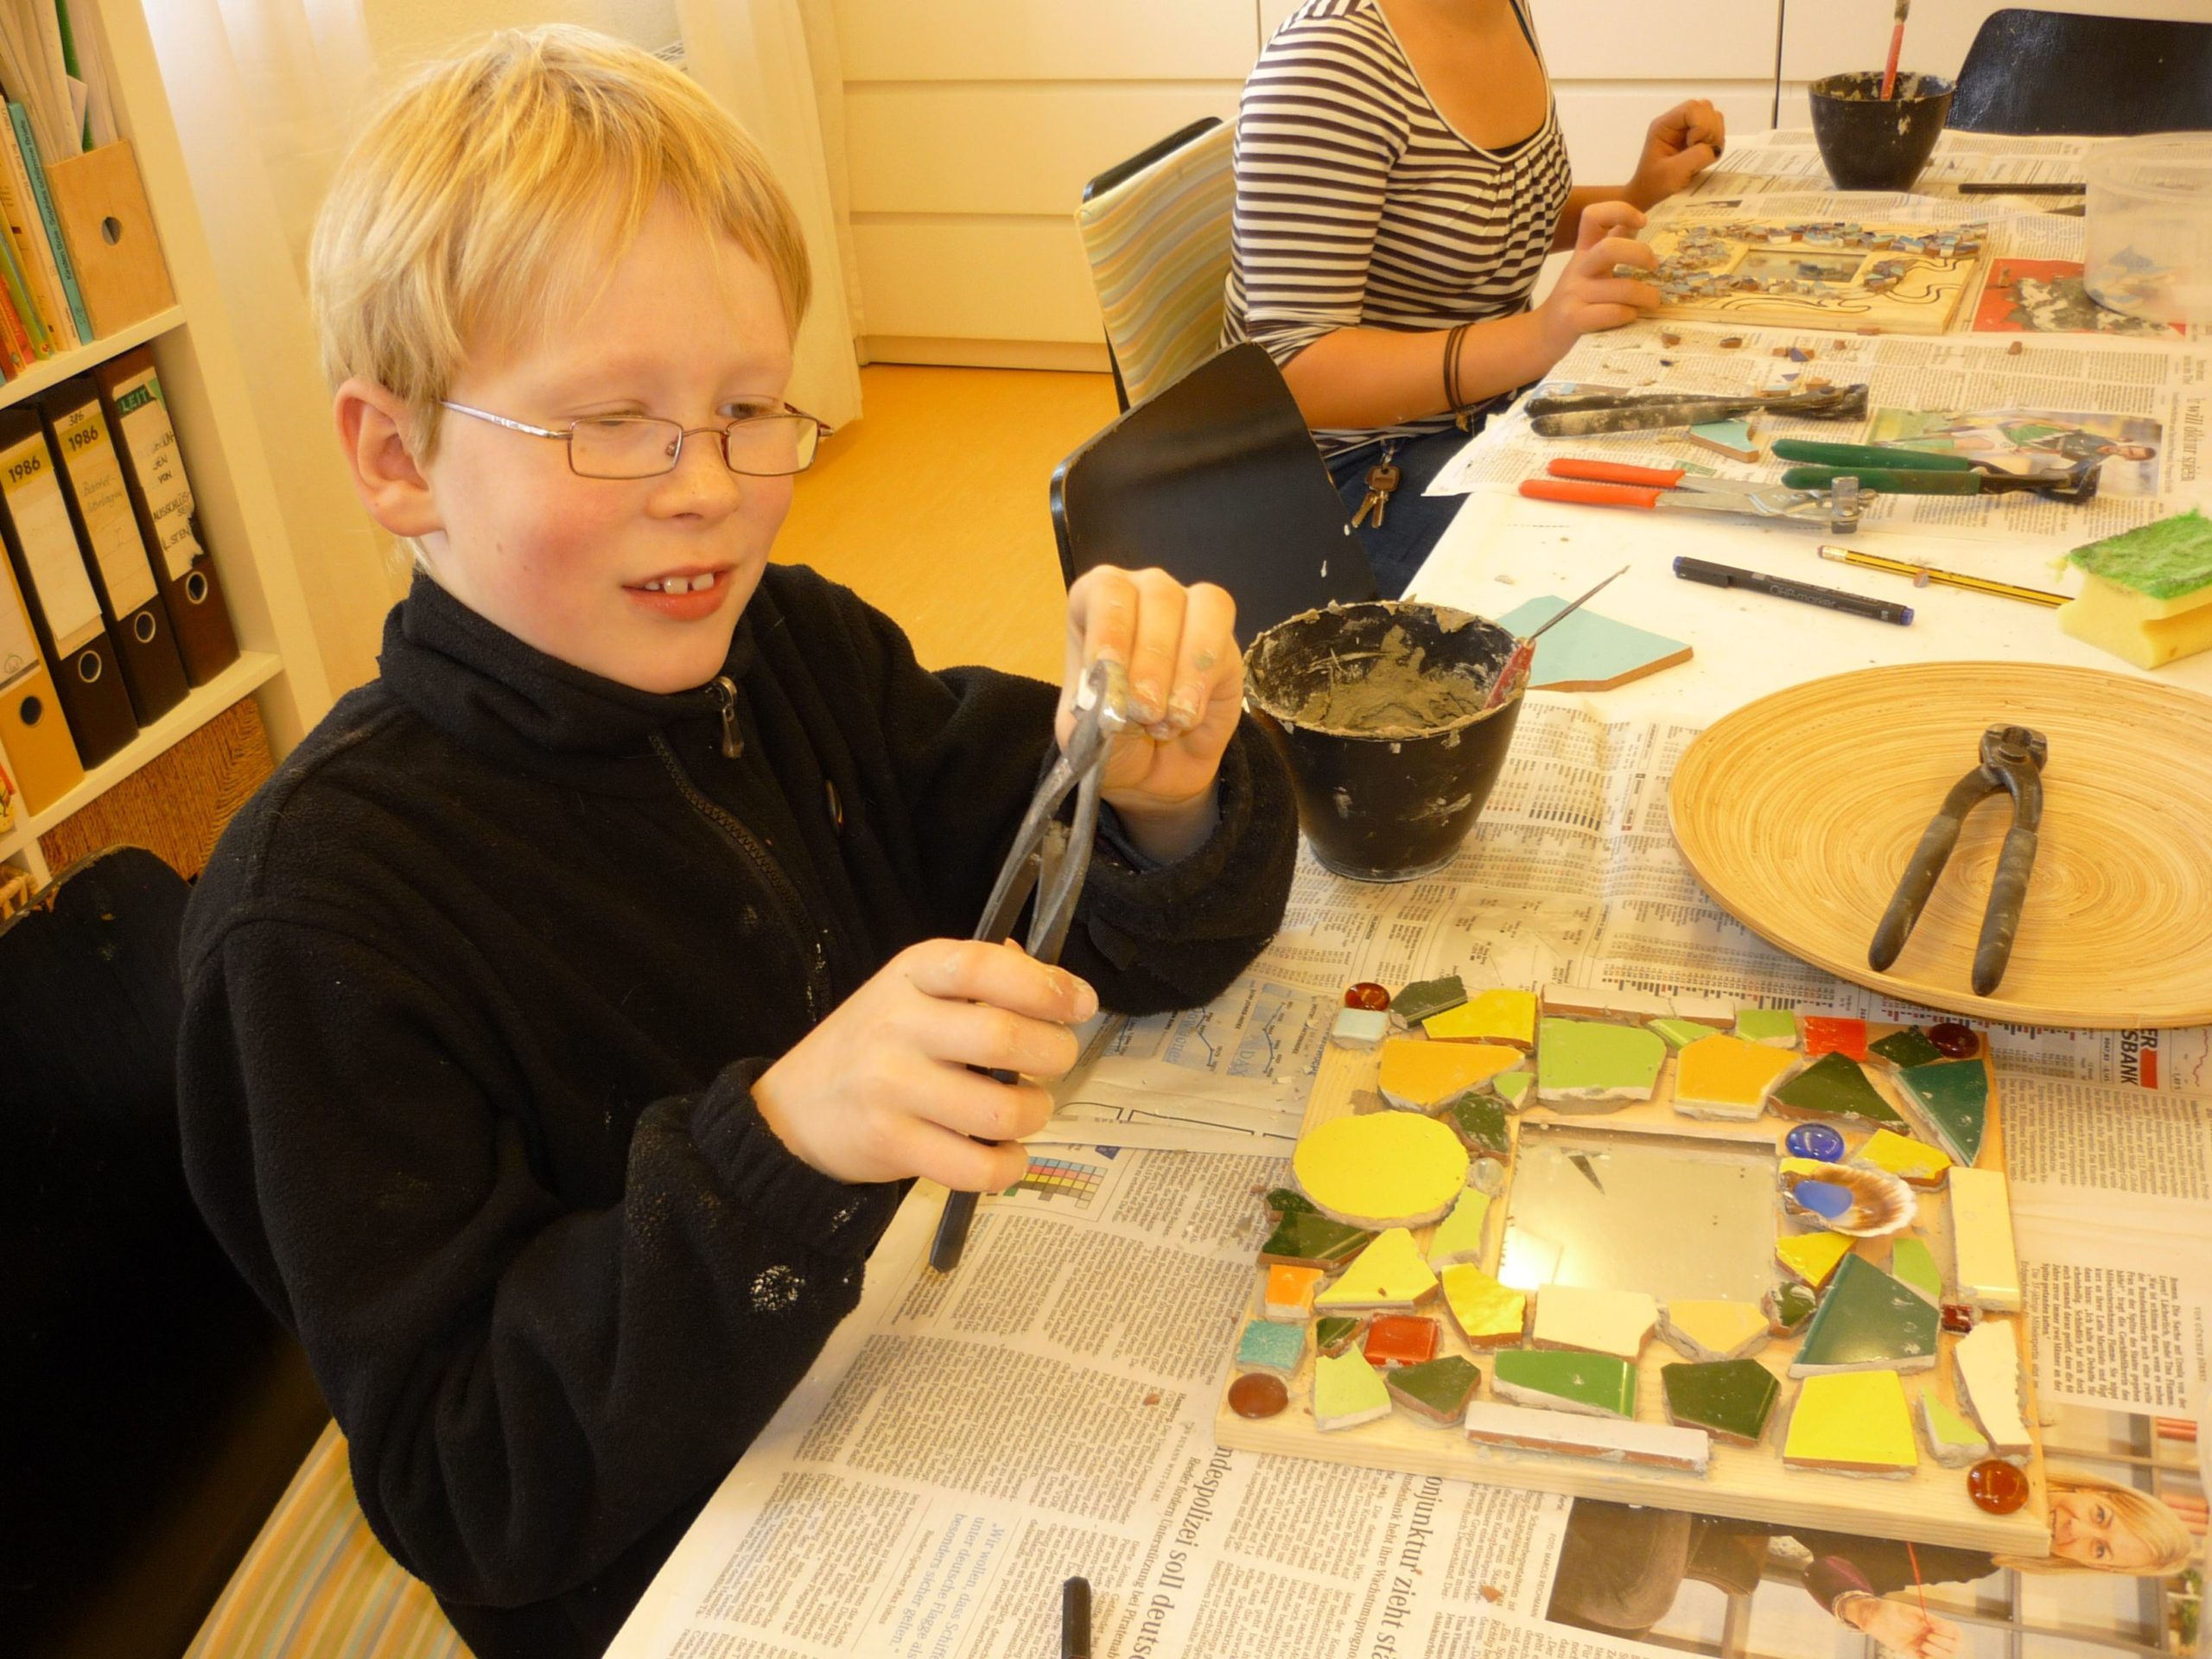 Osterferienprogramm - Mosaiksteinen bekleben